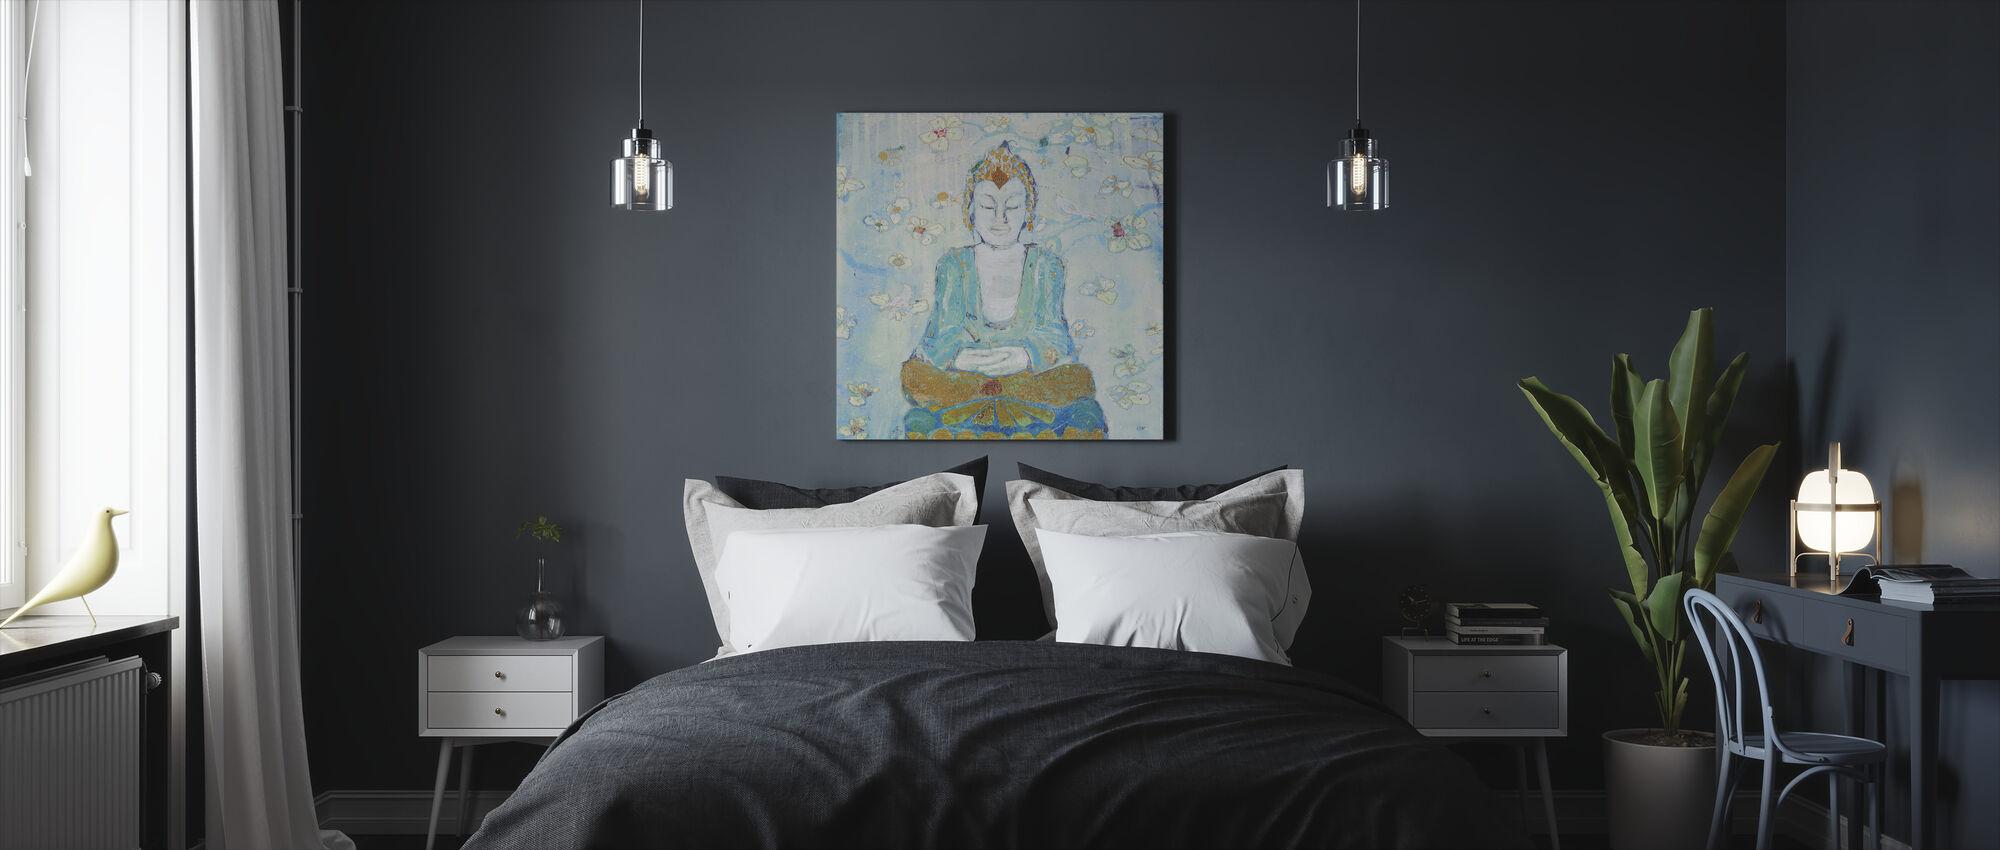 Boeddha-plein - Canvas print - Slaapkamer